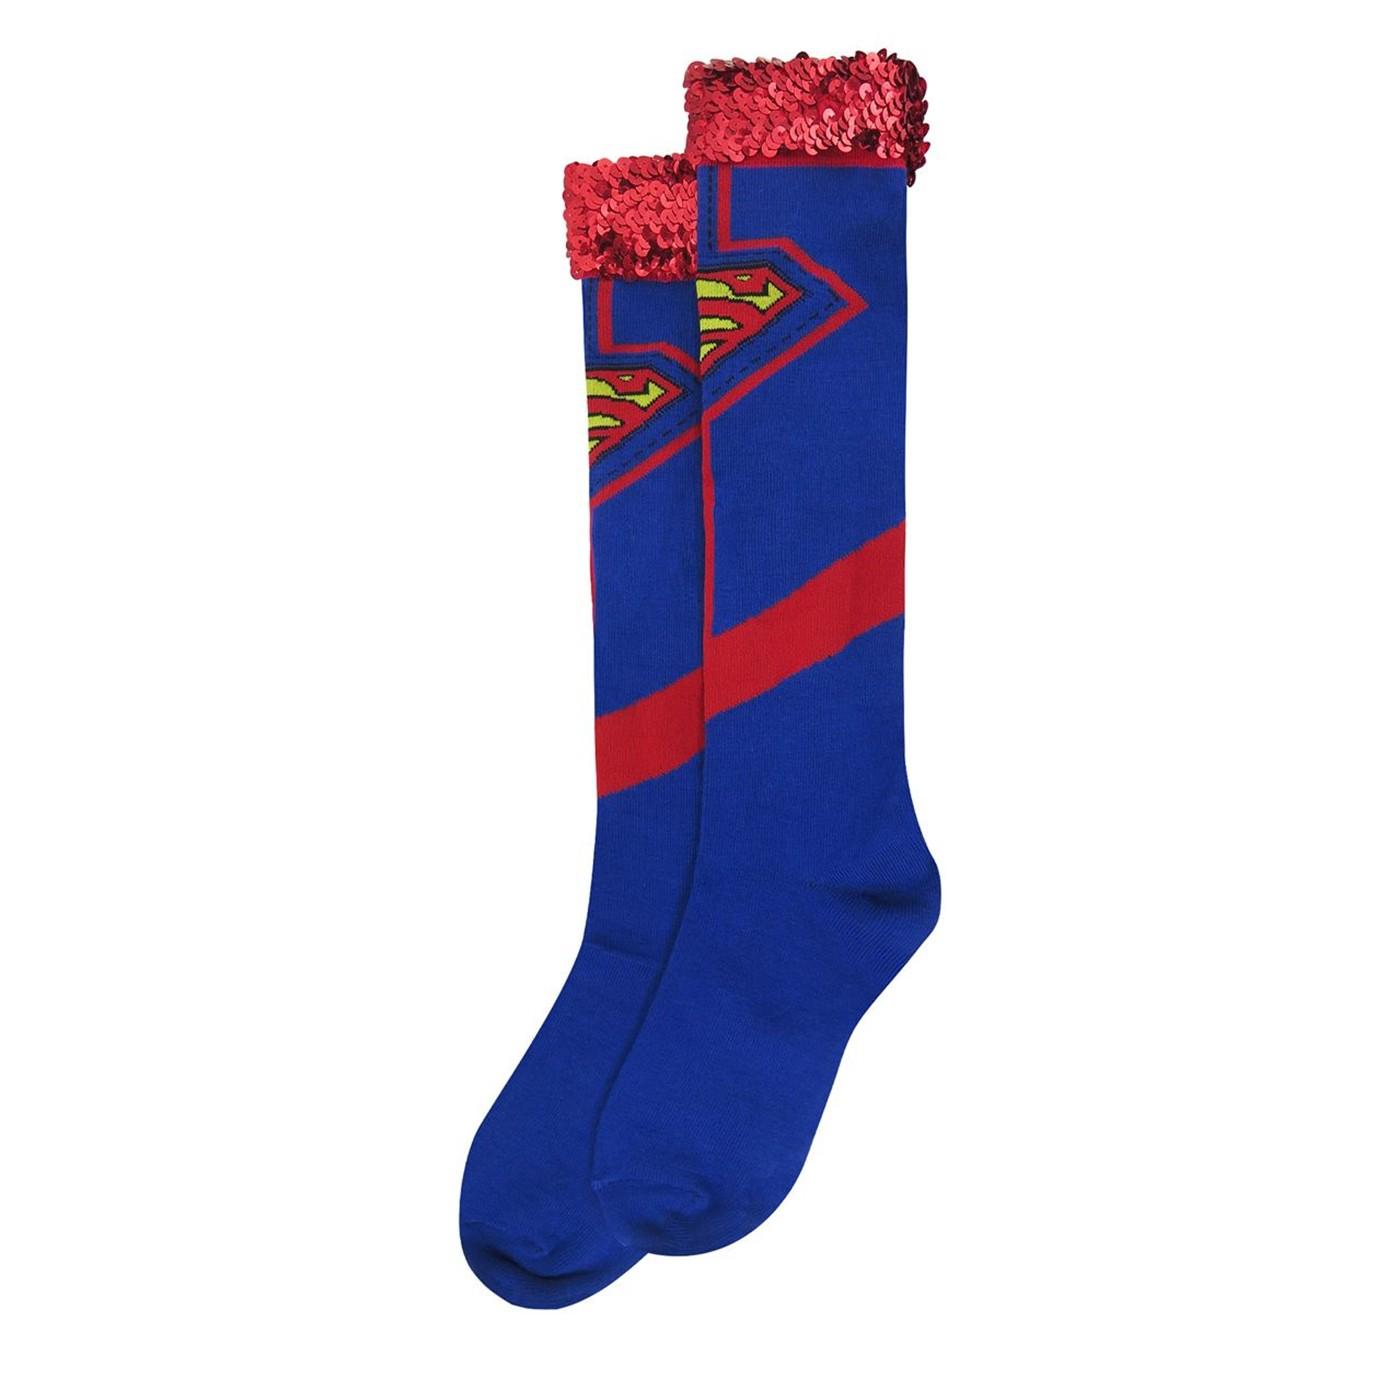 Supergirl Costume Women's Knee High Socks